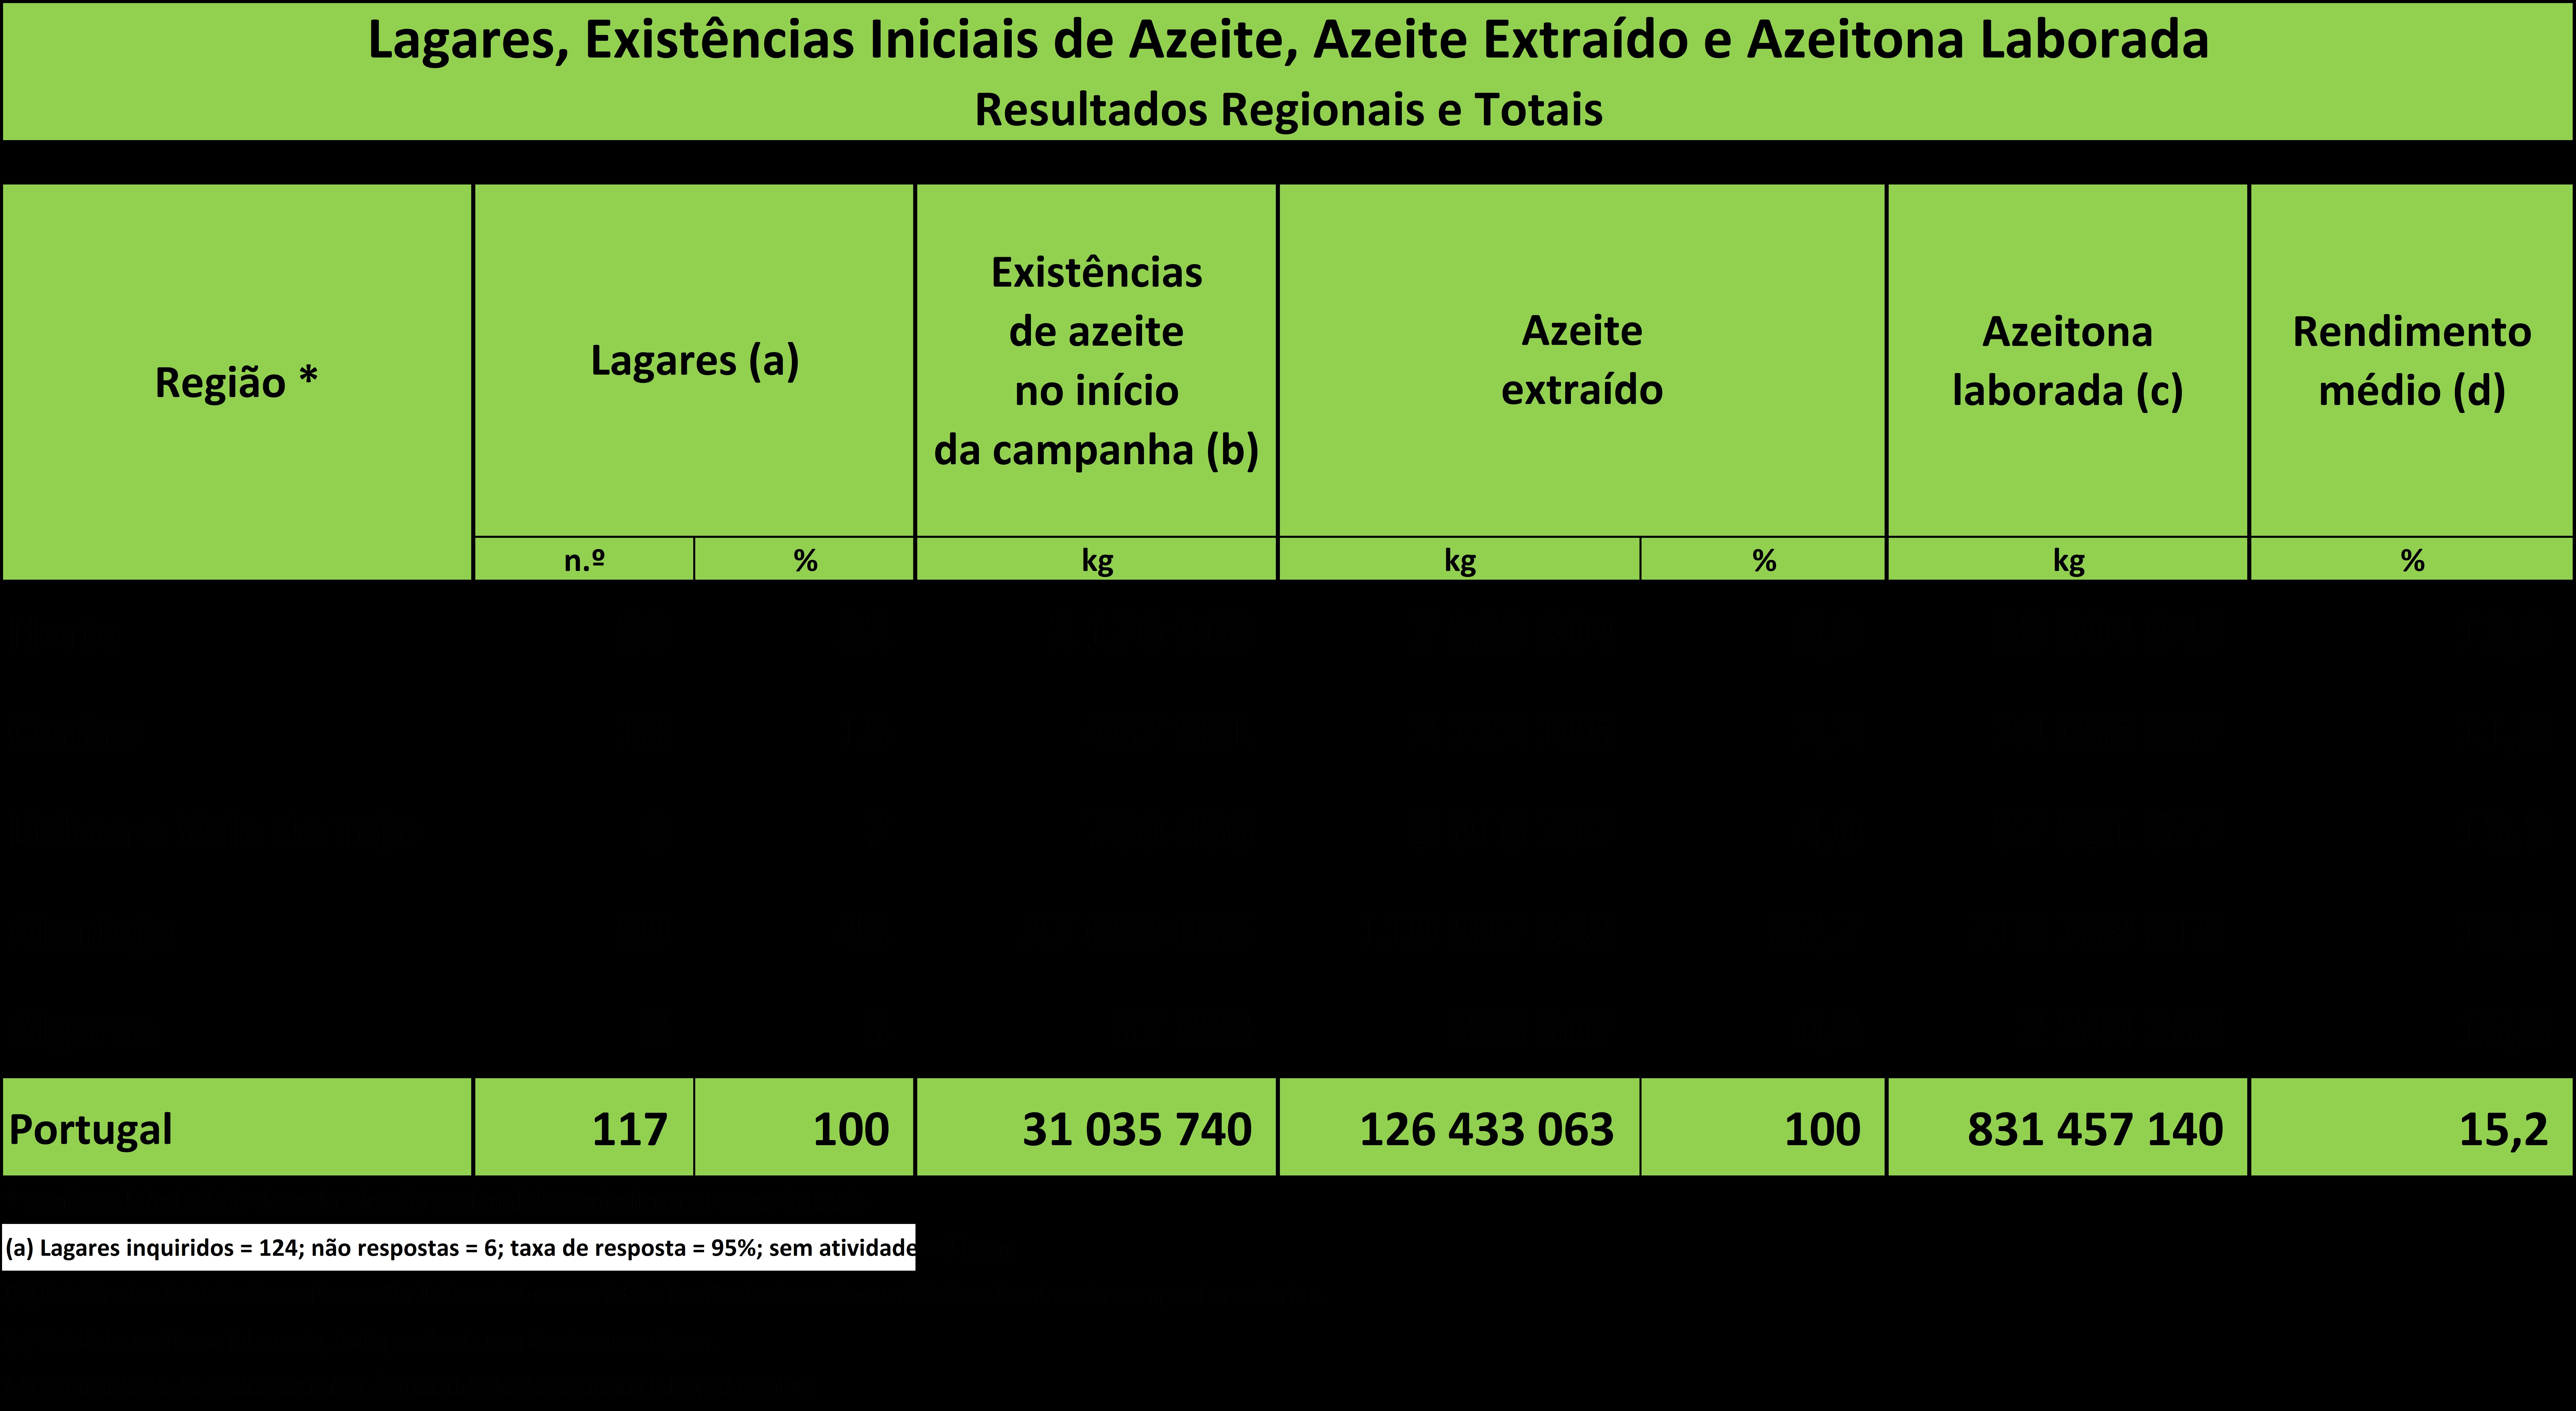 tabela Lagares, Existências Iniciais de Azeite, Azeite Extraído e Azeitona Laborada